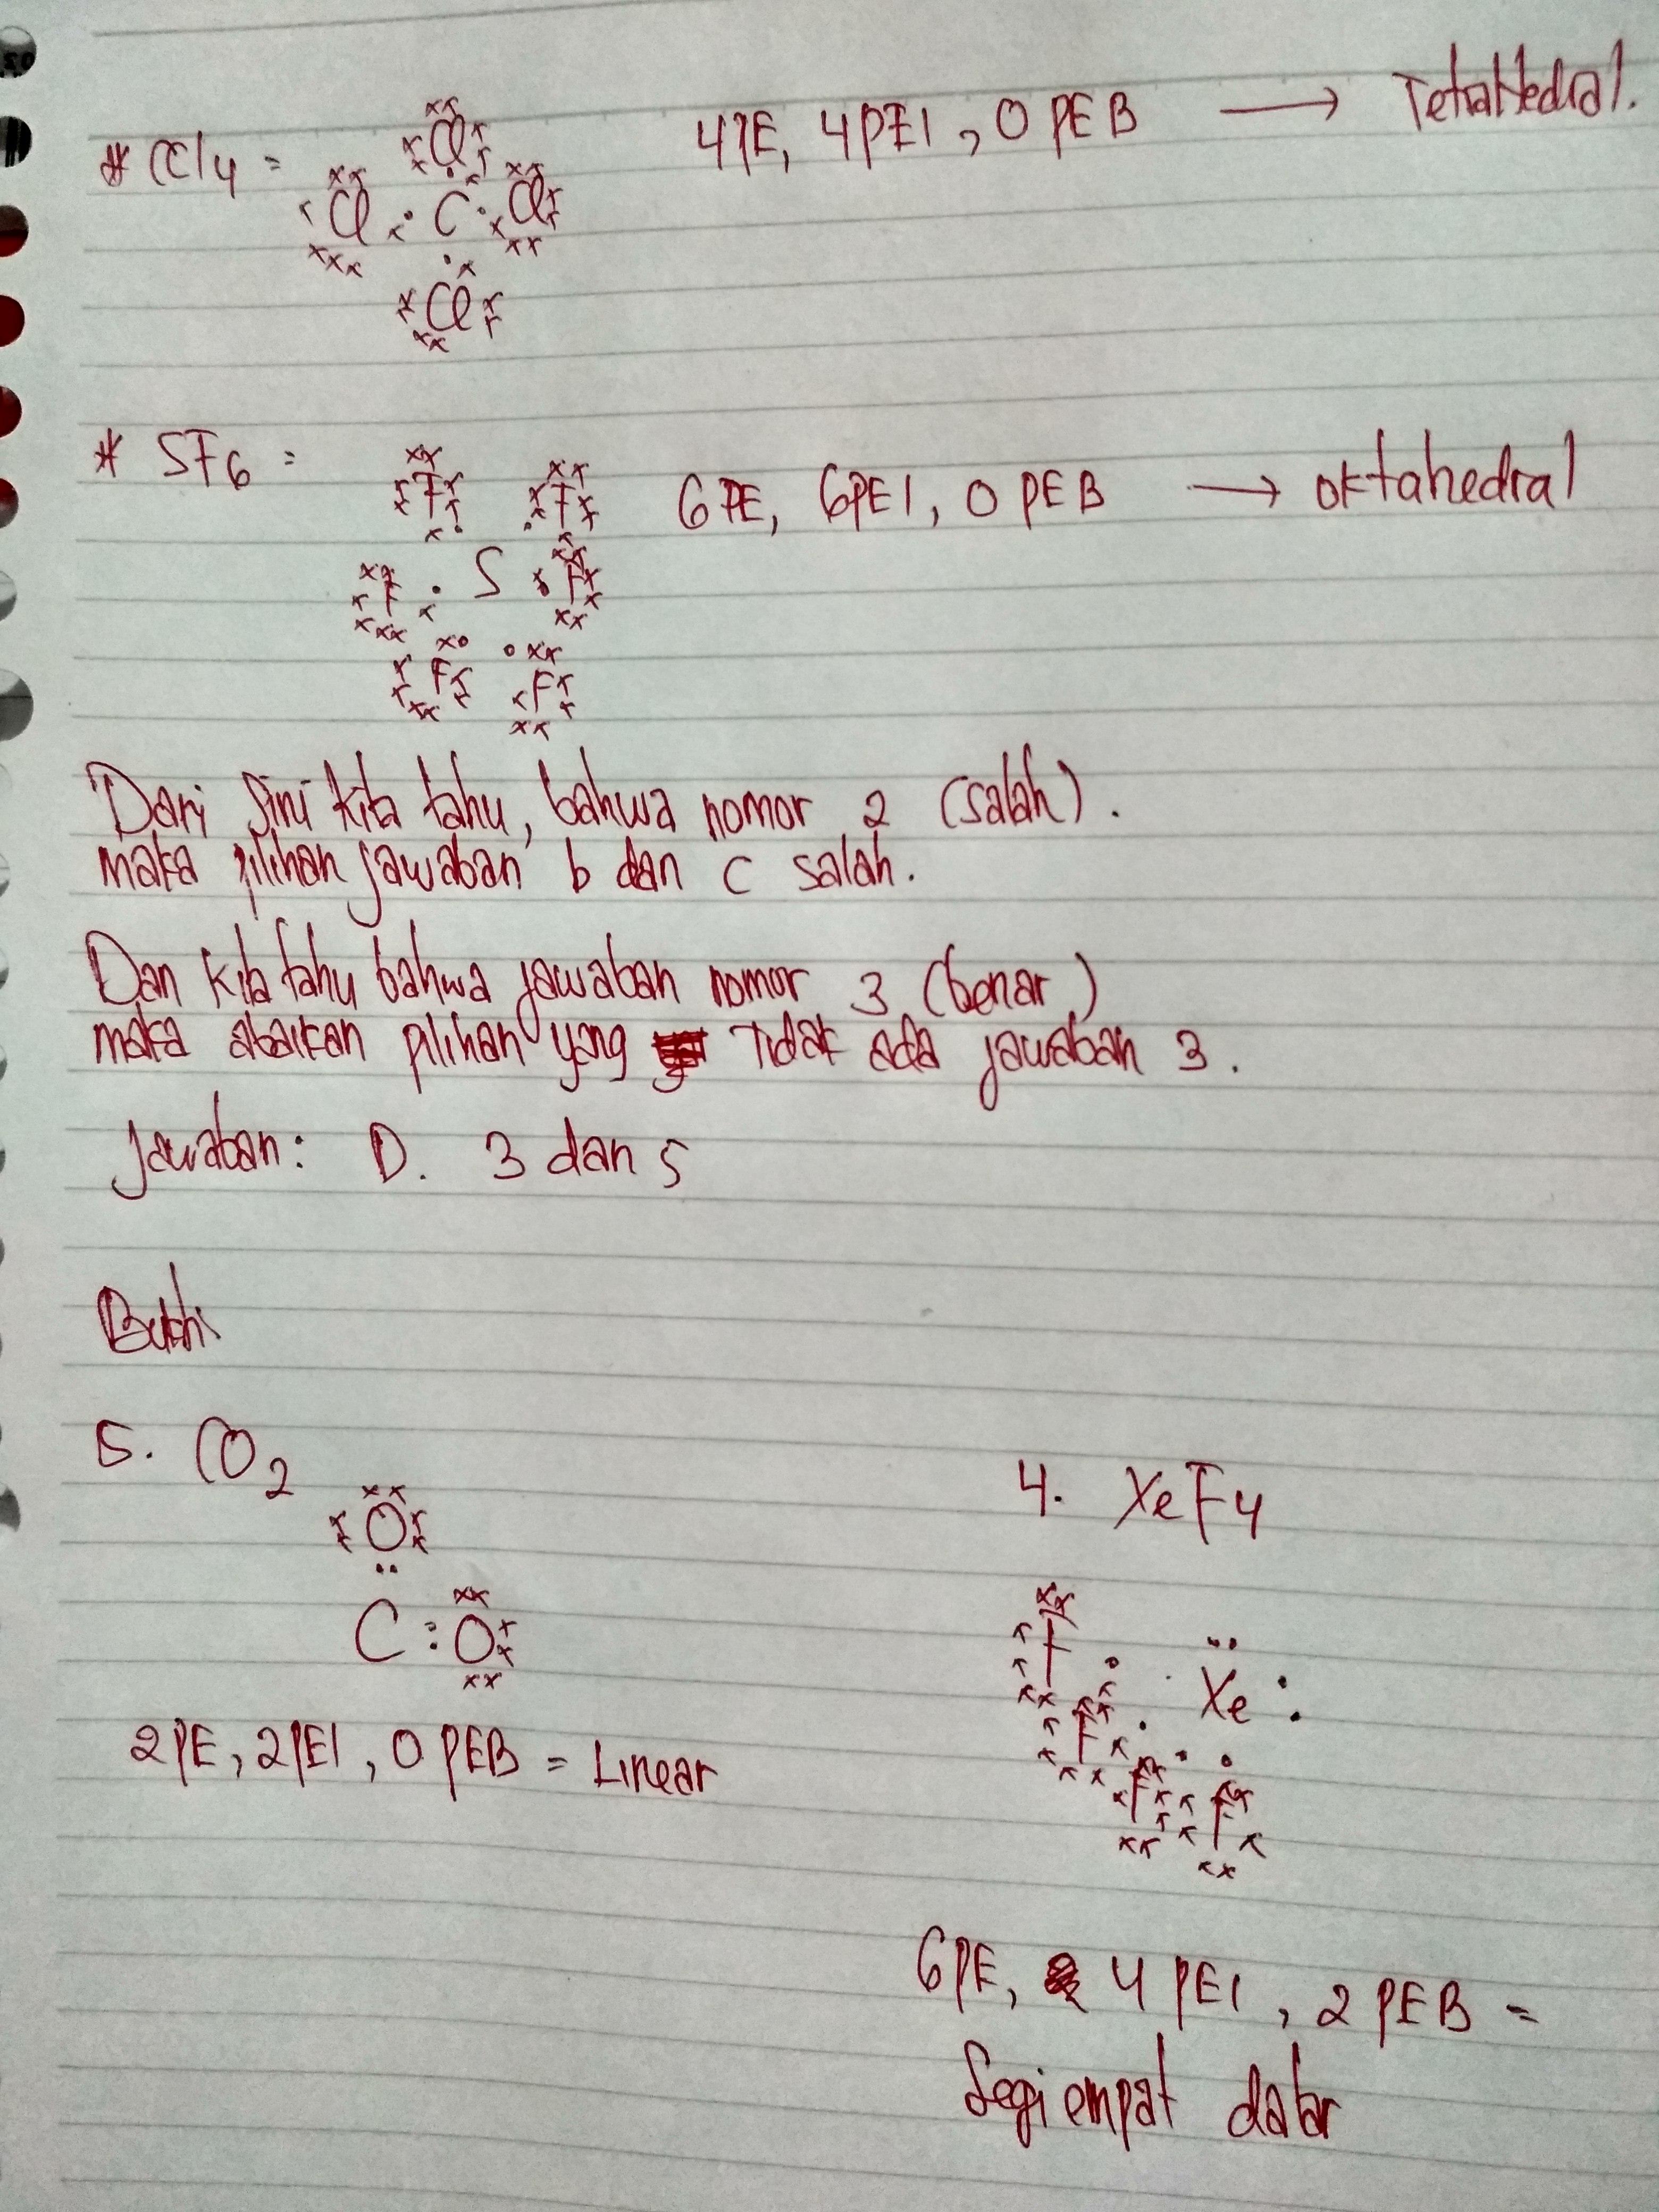 1 Senyawa Kovalen H2o Memiliki Bentuk Molekul Bengkok 2 Ccl4 Memiliki Bentuk Molekul Brainly Co Id